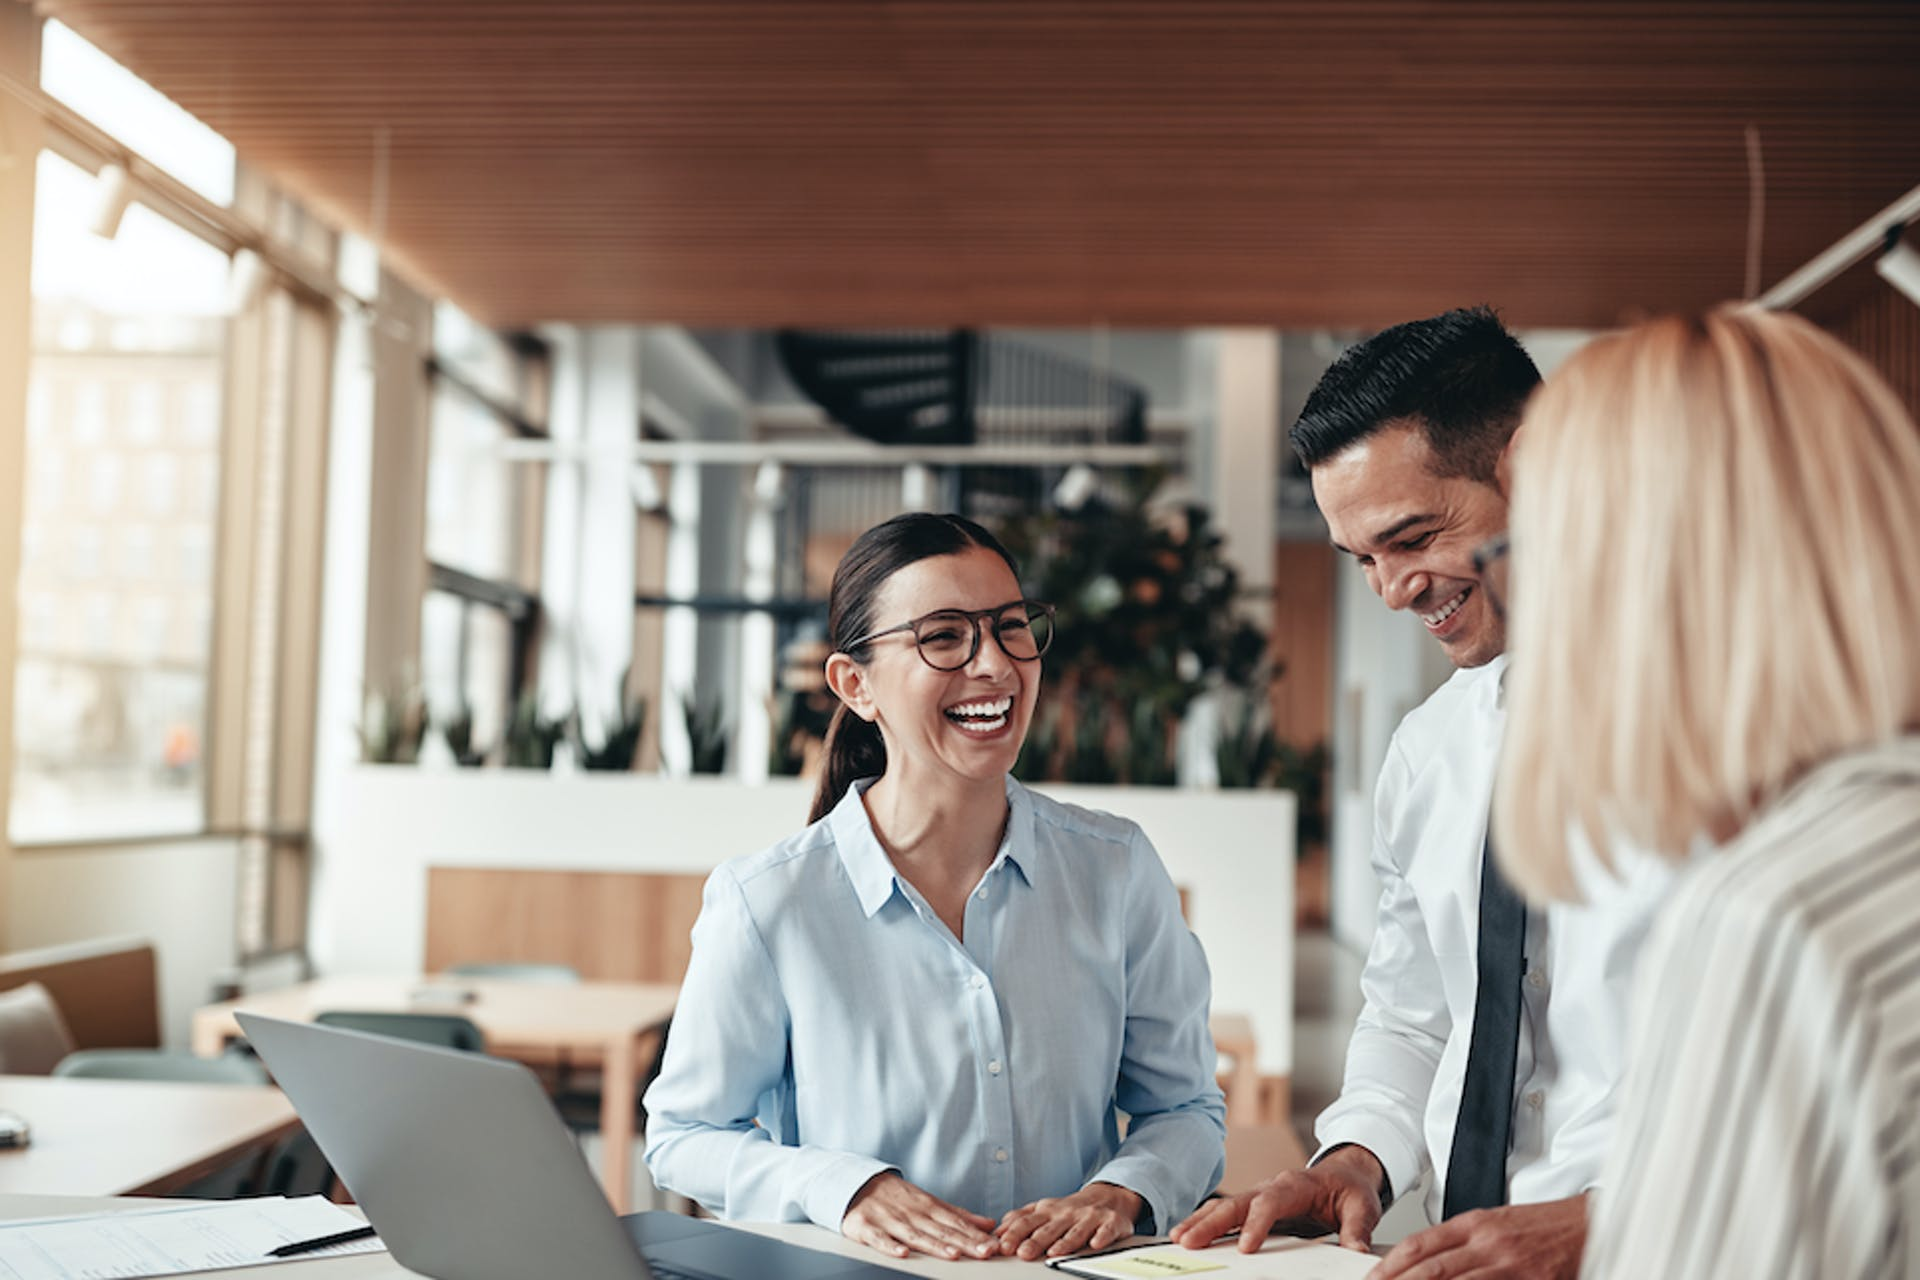 Drei Geschäftsleute lachend bei einer Besprechung